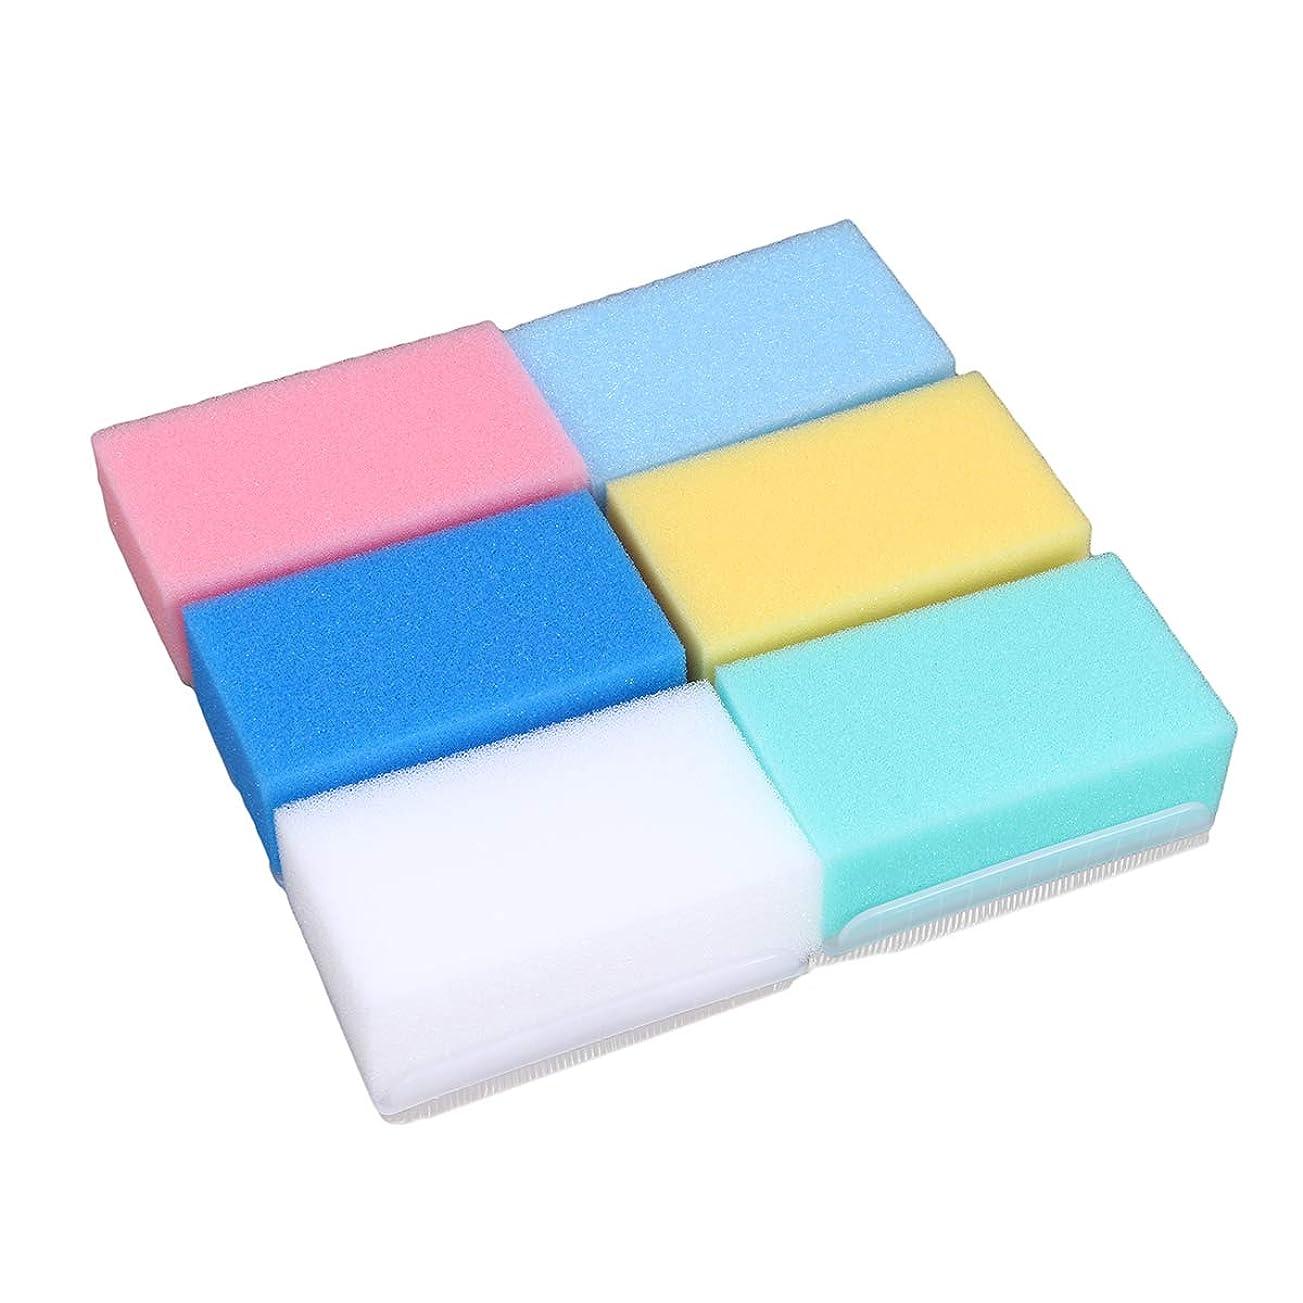 によって日曜日チューブHEALIFTY 6本入浴ボディウォッシュブラシ柔らかい触覚感覚統合トレーニング乳児新生児のためのバスブラシバススポンジ(6色)